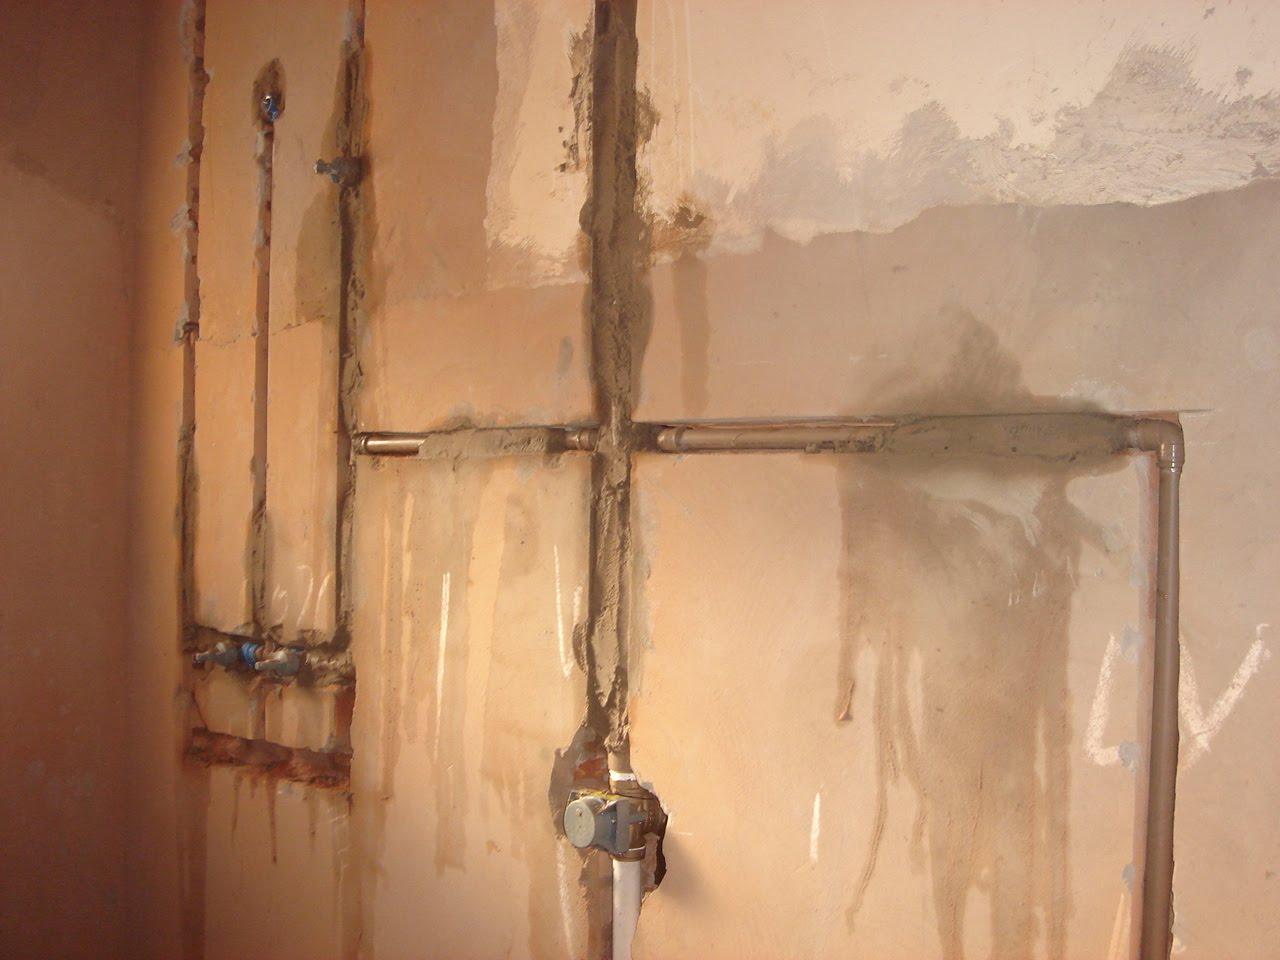 de louças e metais novos pontos de água e esgoto chuveiros #9D632E 1280x960 Banheiro Com Cheiro De Esgoto O Que Fazer